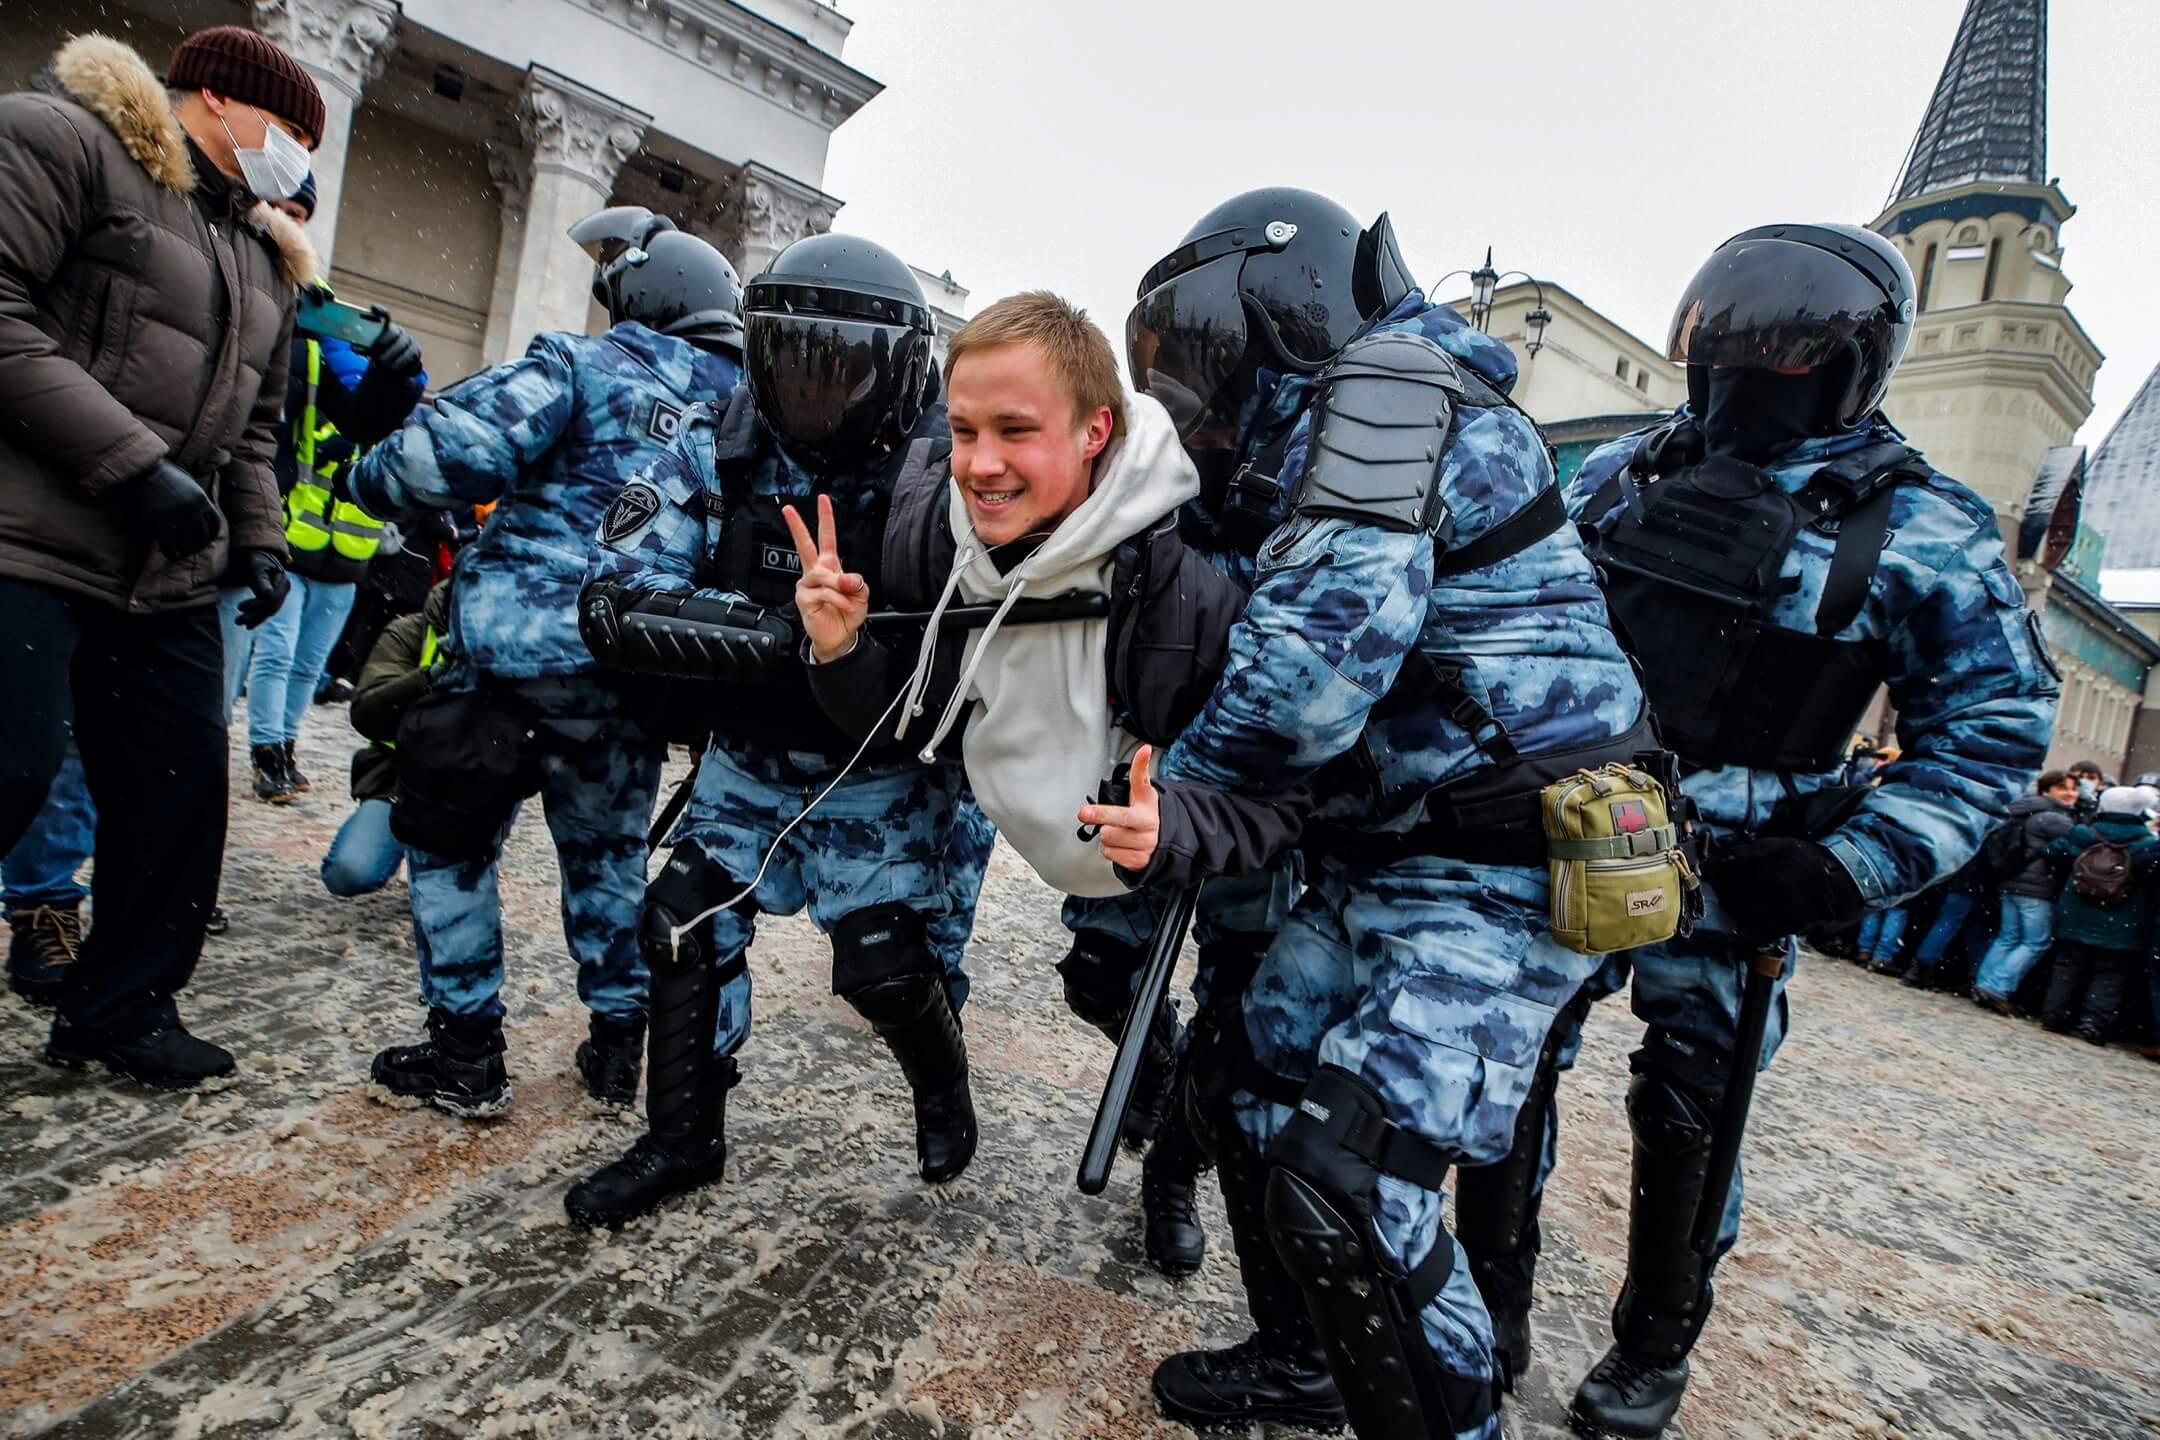 2021年1月30日,俄羅斯首都莫斯科,有示威者參與聲援被扣押的反對派領袖納瓦爾尼的示威活動被捕。 攝:Maxim Shemetov/Reuters/達志影像